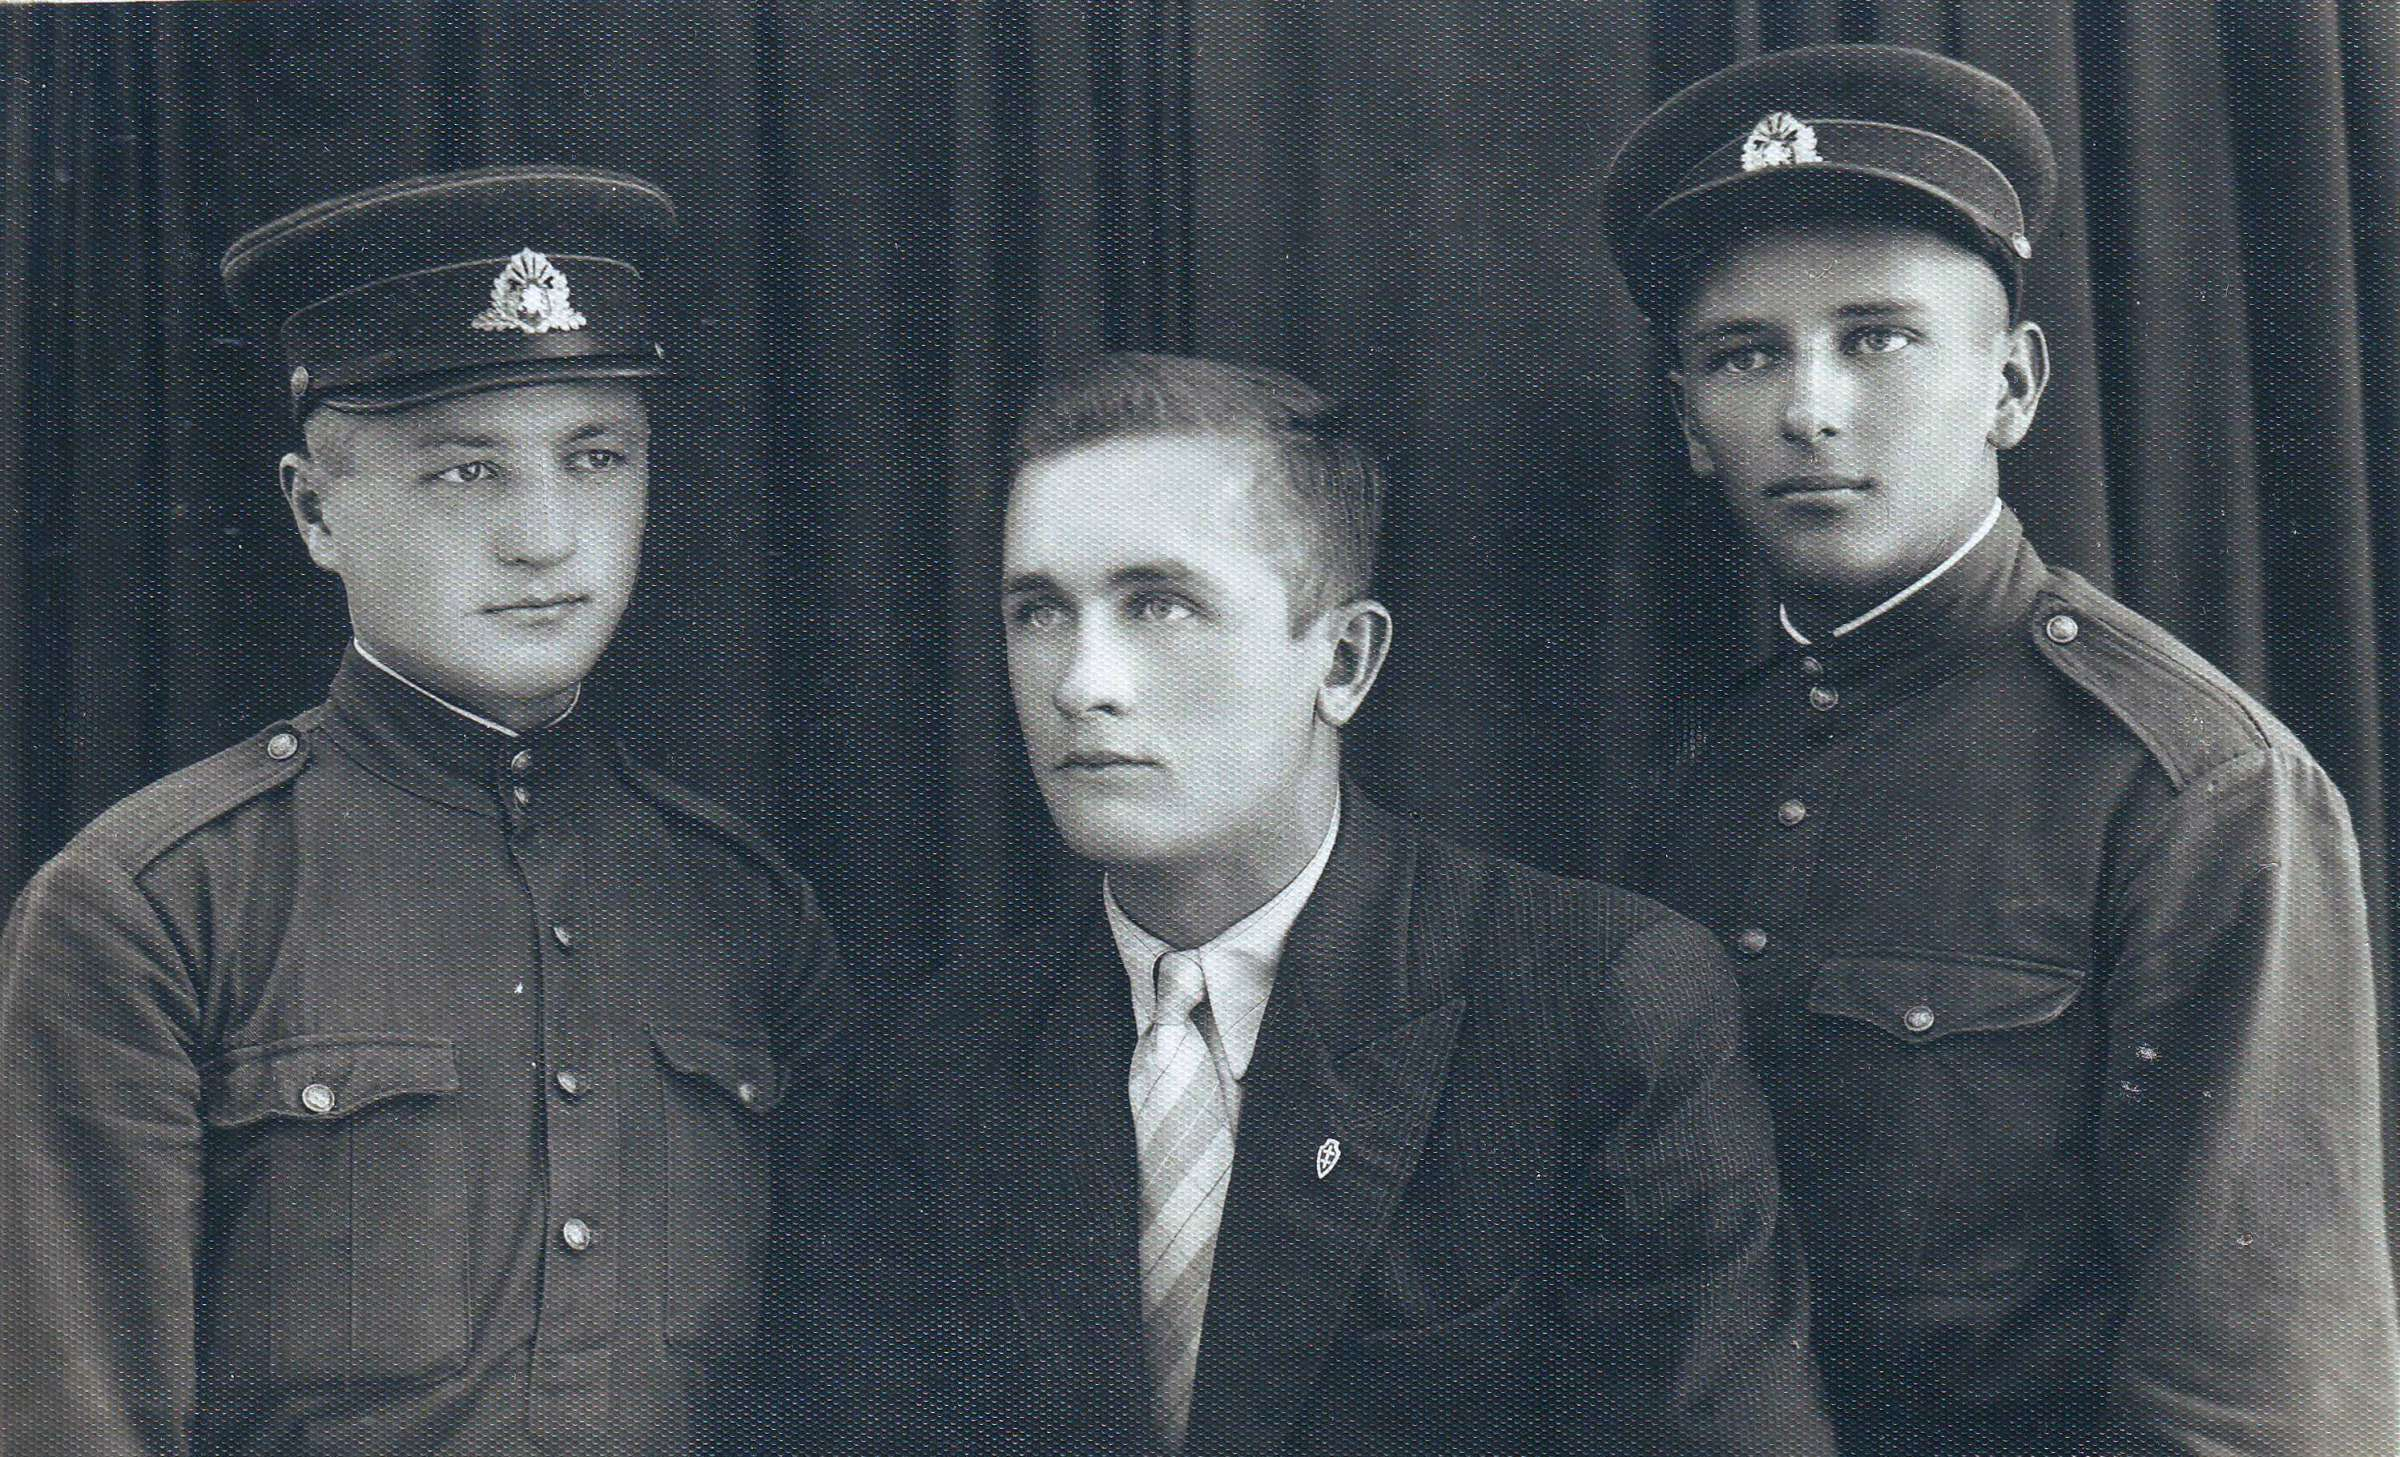 Pirmas iš dešinės Kazys Butautis. 1938 m., Marijampolė | D. Brazdžiūnienės asmeninio albumo nuotr.